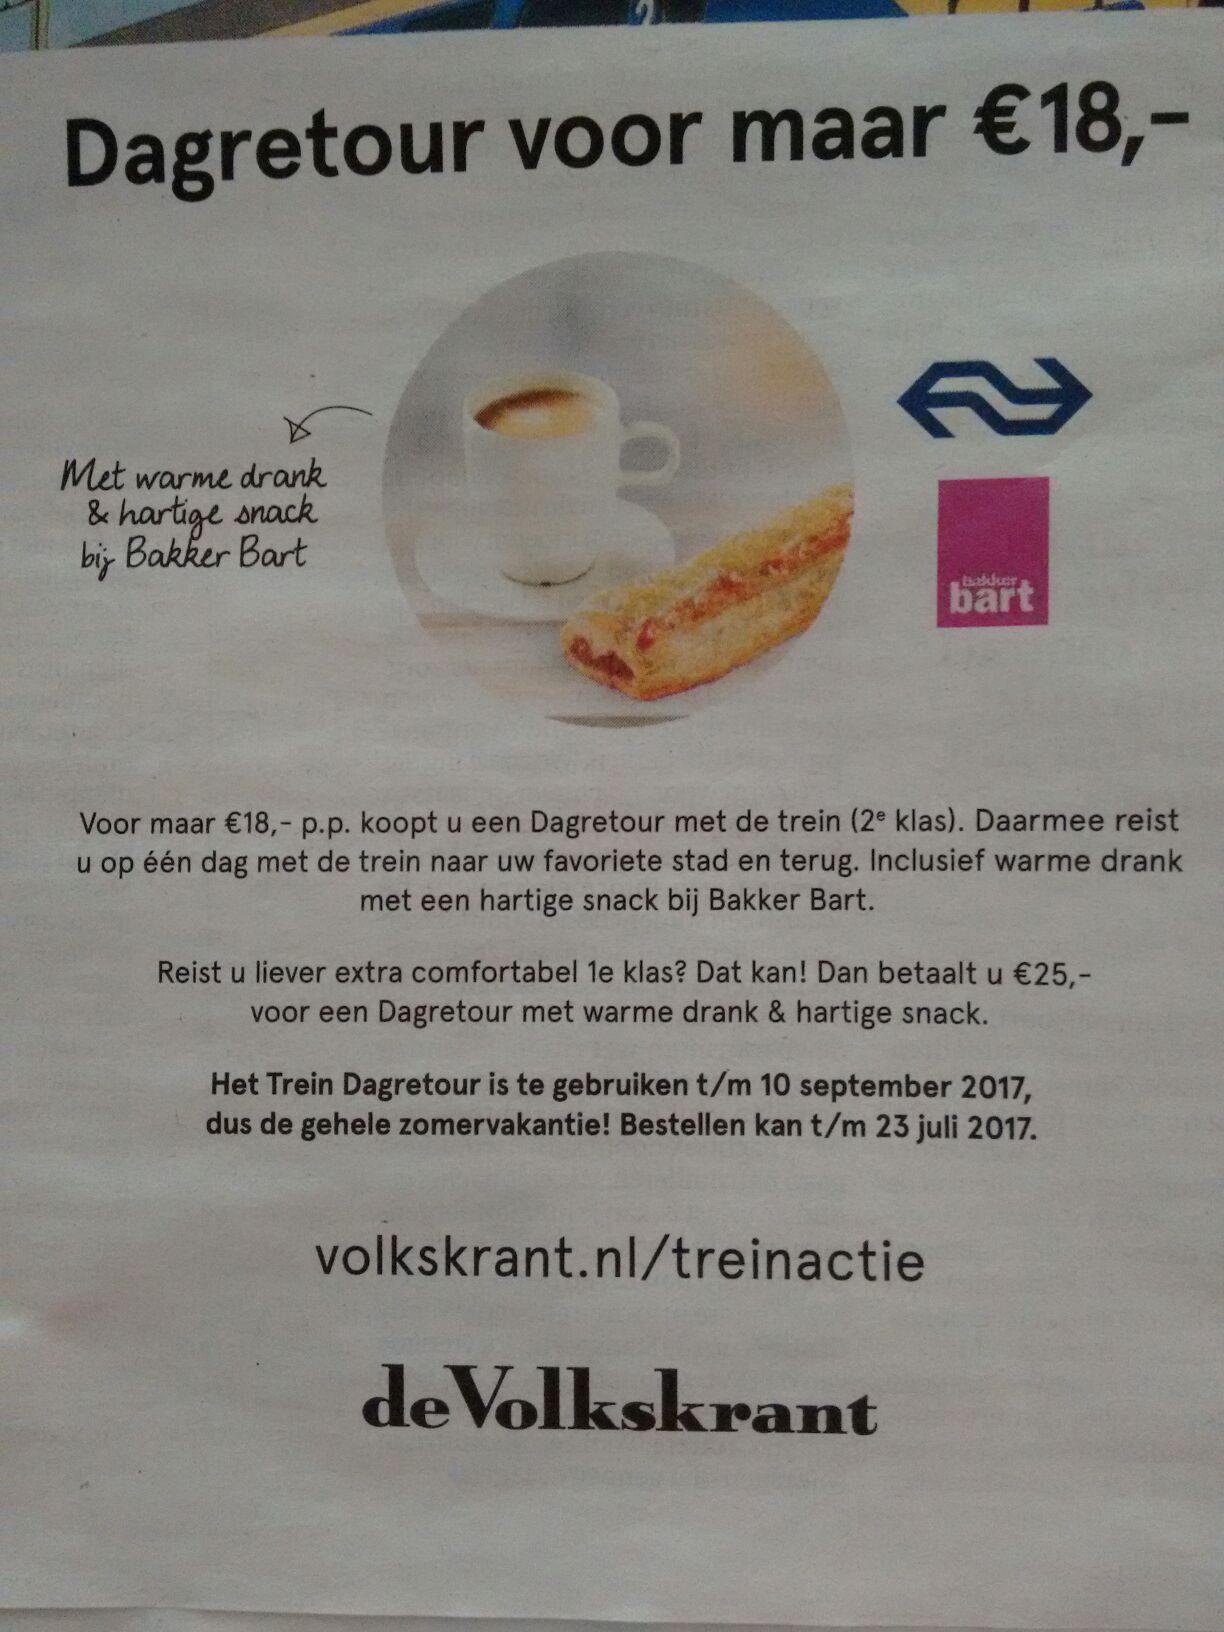 NS Dagretour incl. warme drank en hartige snack €18 @ Spoordeelwinkel